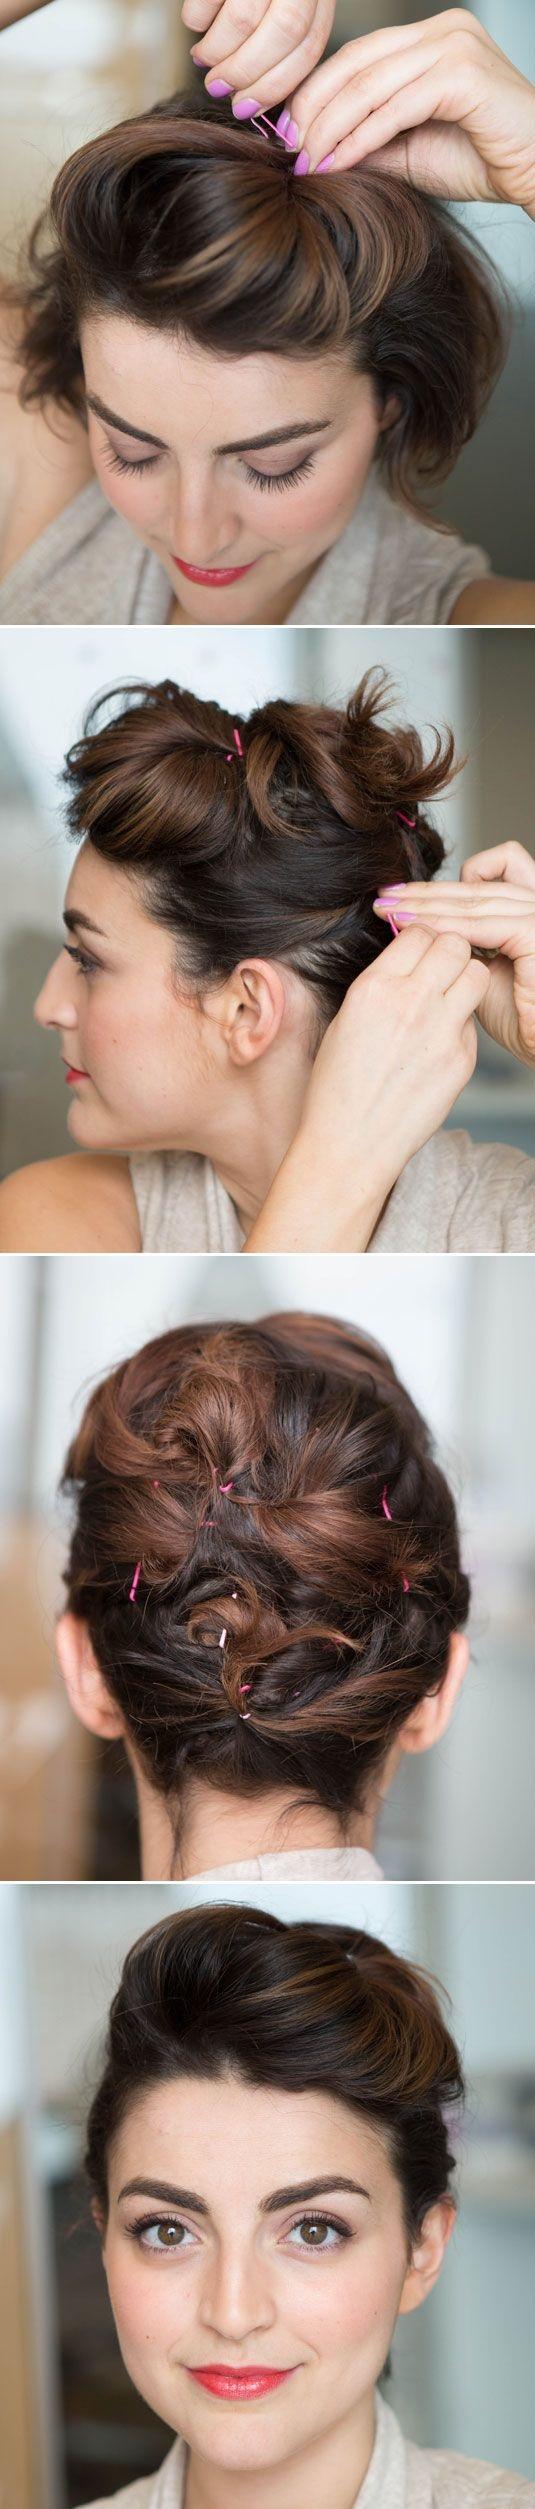 modèle-de-coiffure-pour-aller-au-travail-13